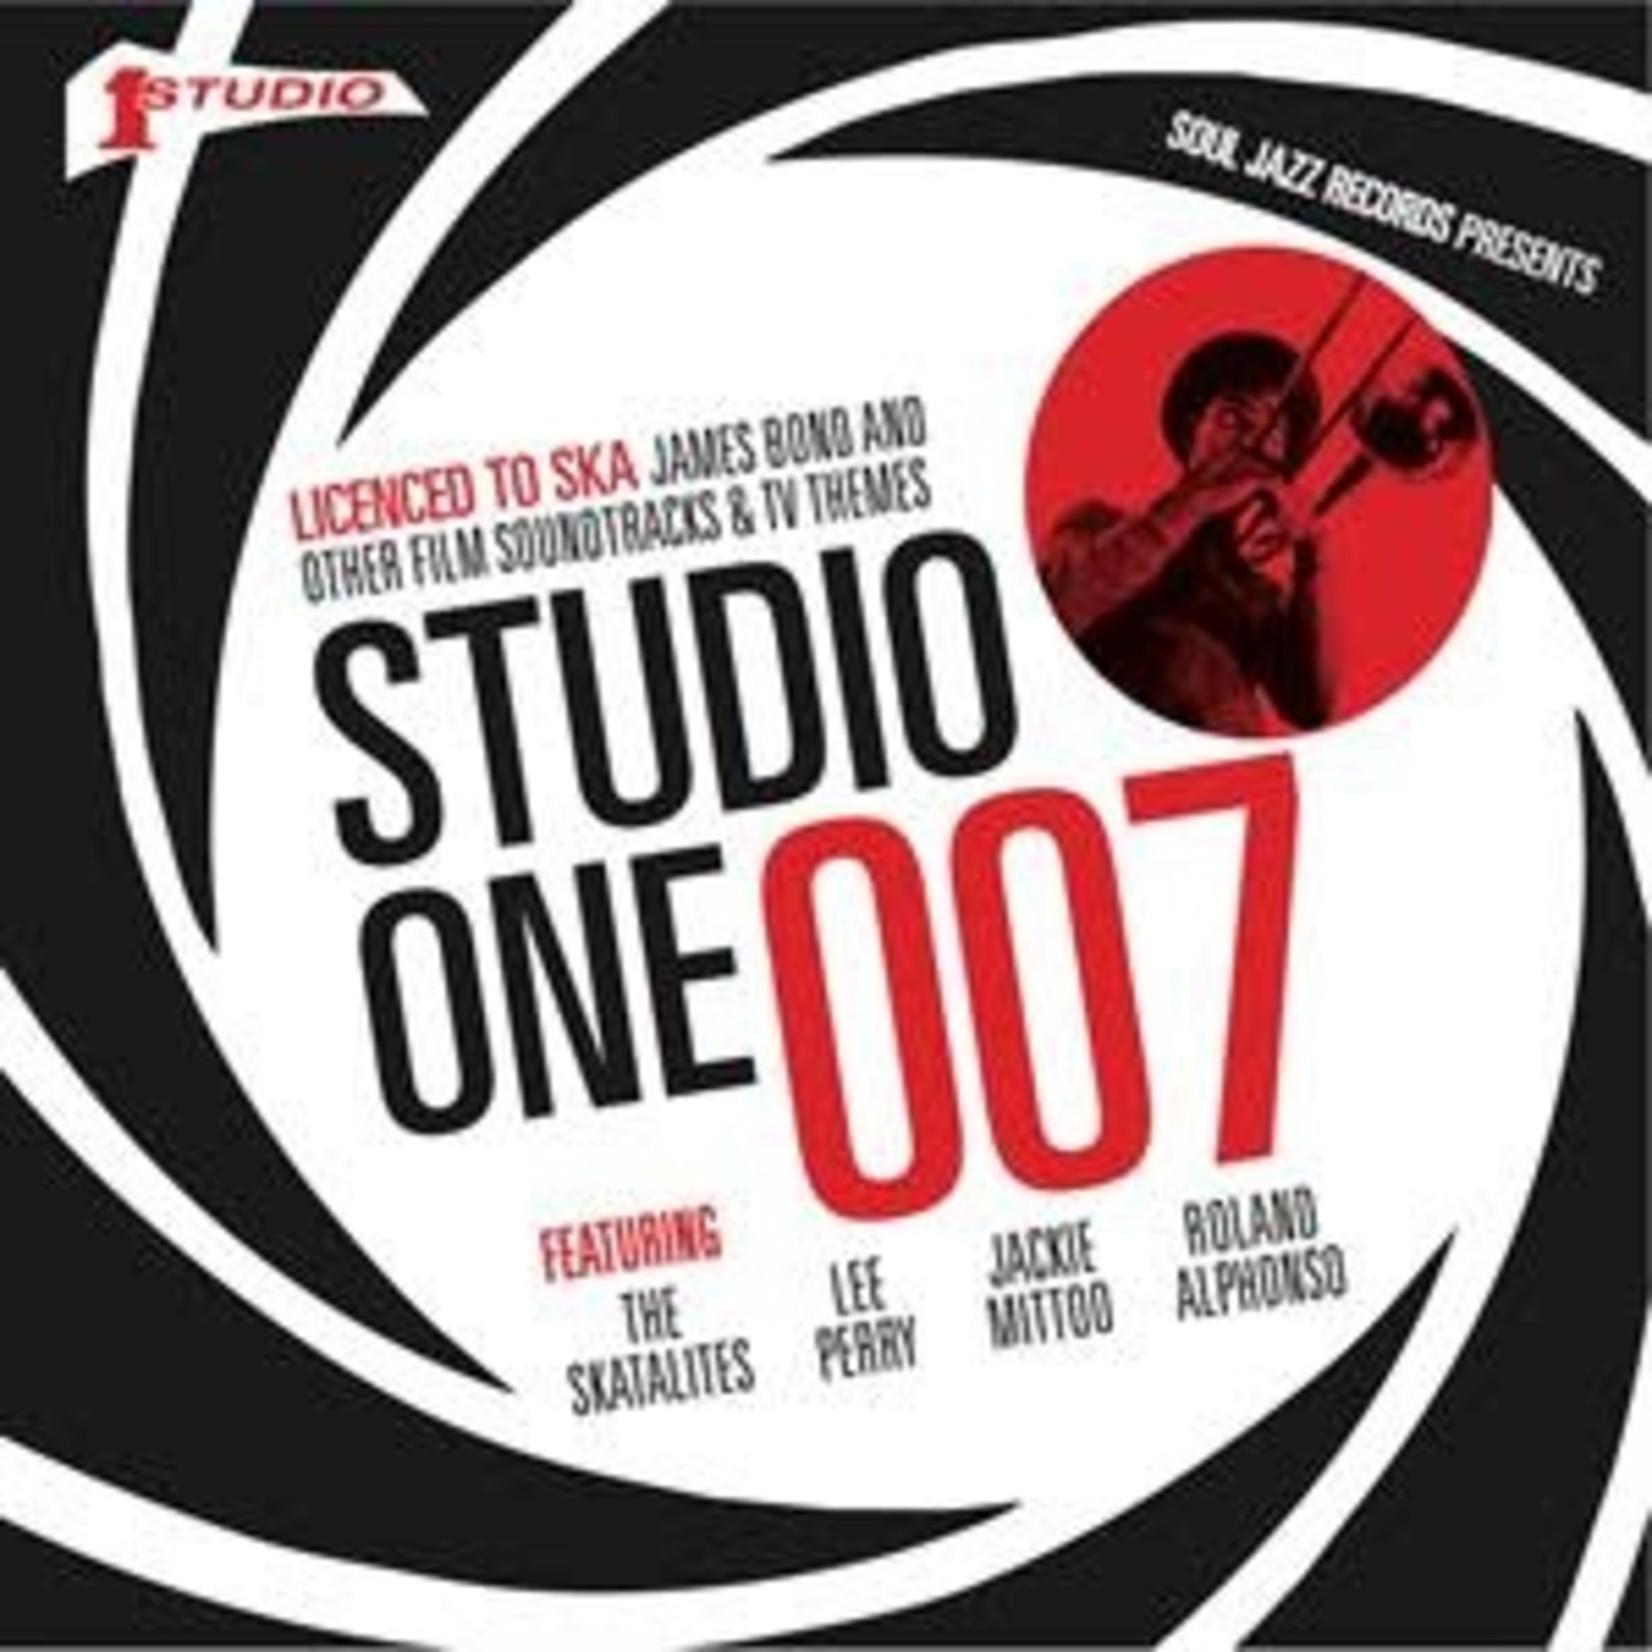 V/A  - Studio One 007 Licensed To Ska! 5 x 7''  (VINYL)